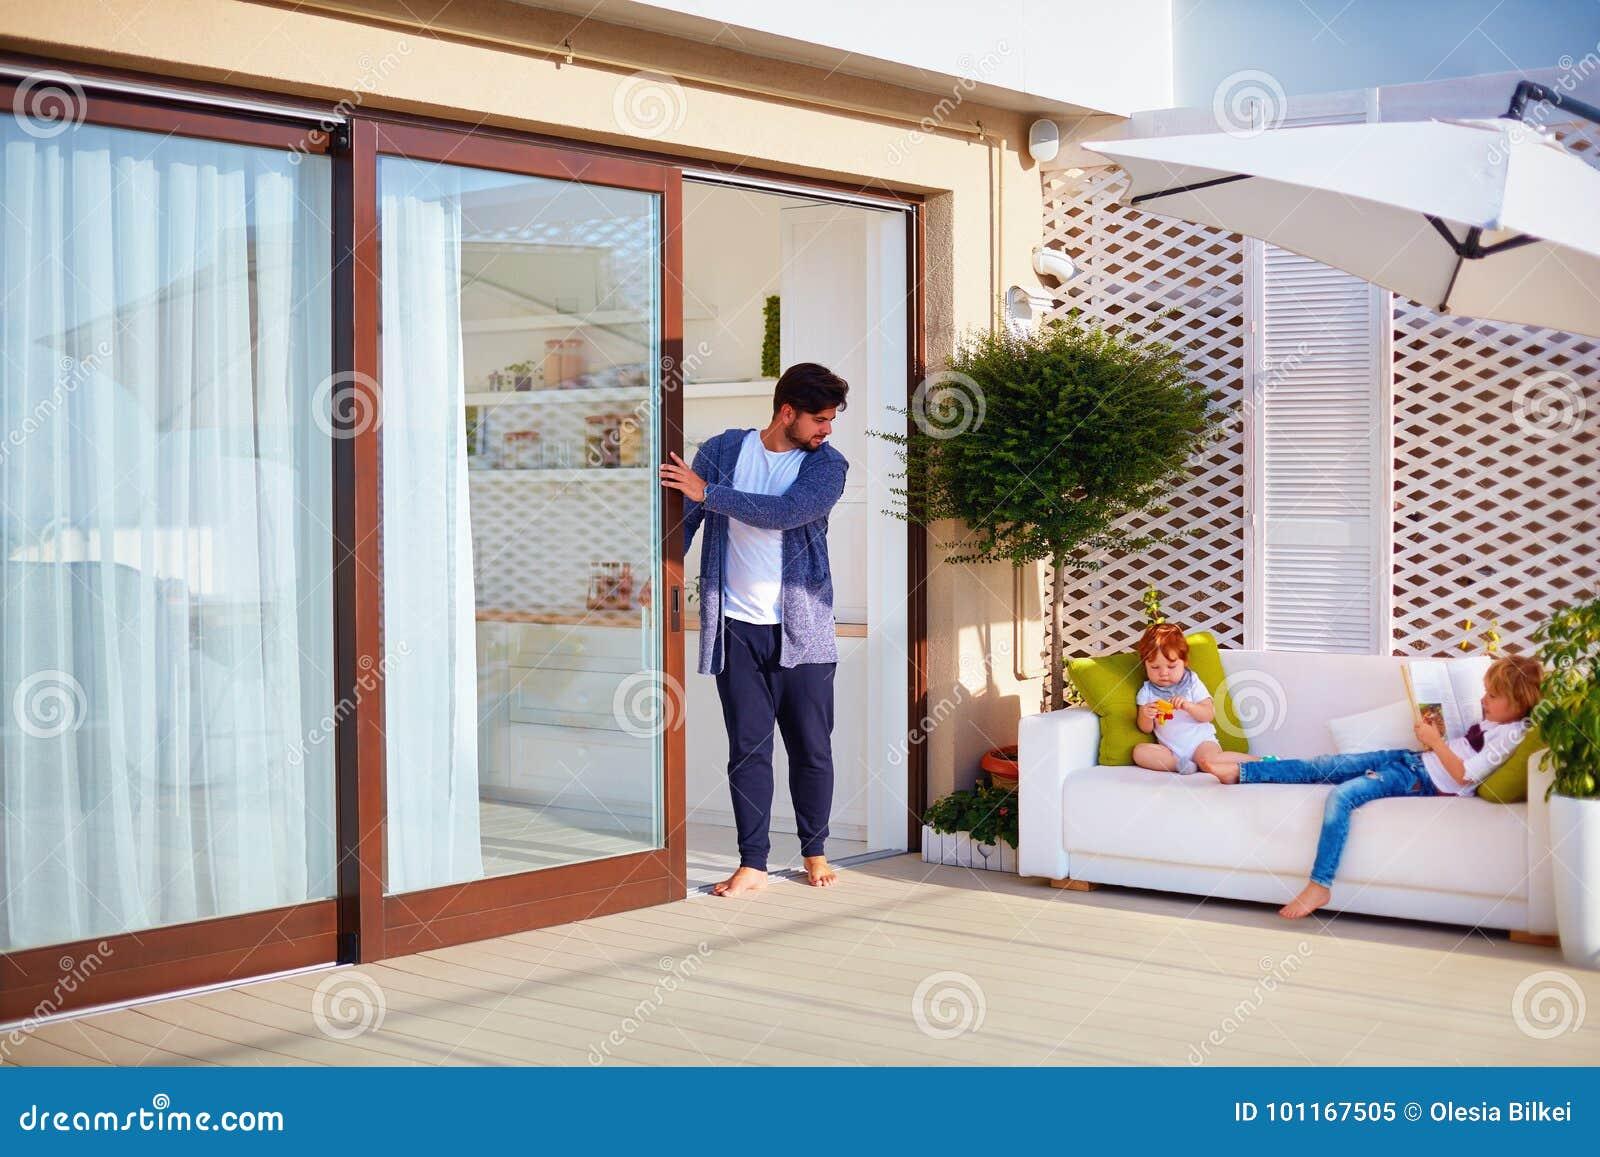 schiebetur garten, familienentspannung im freien auf dachspitzenpatio mit küche des, Design ideen